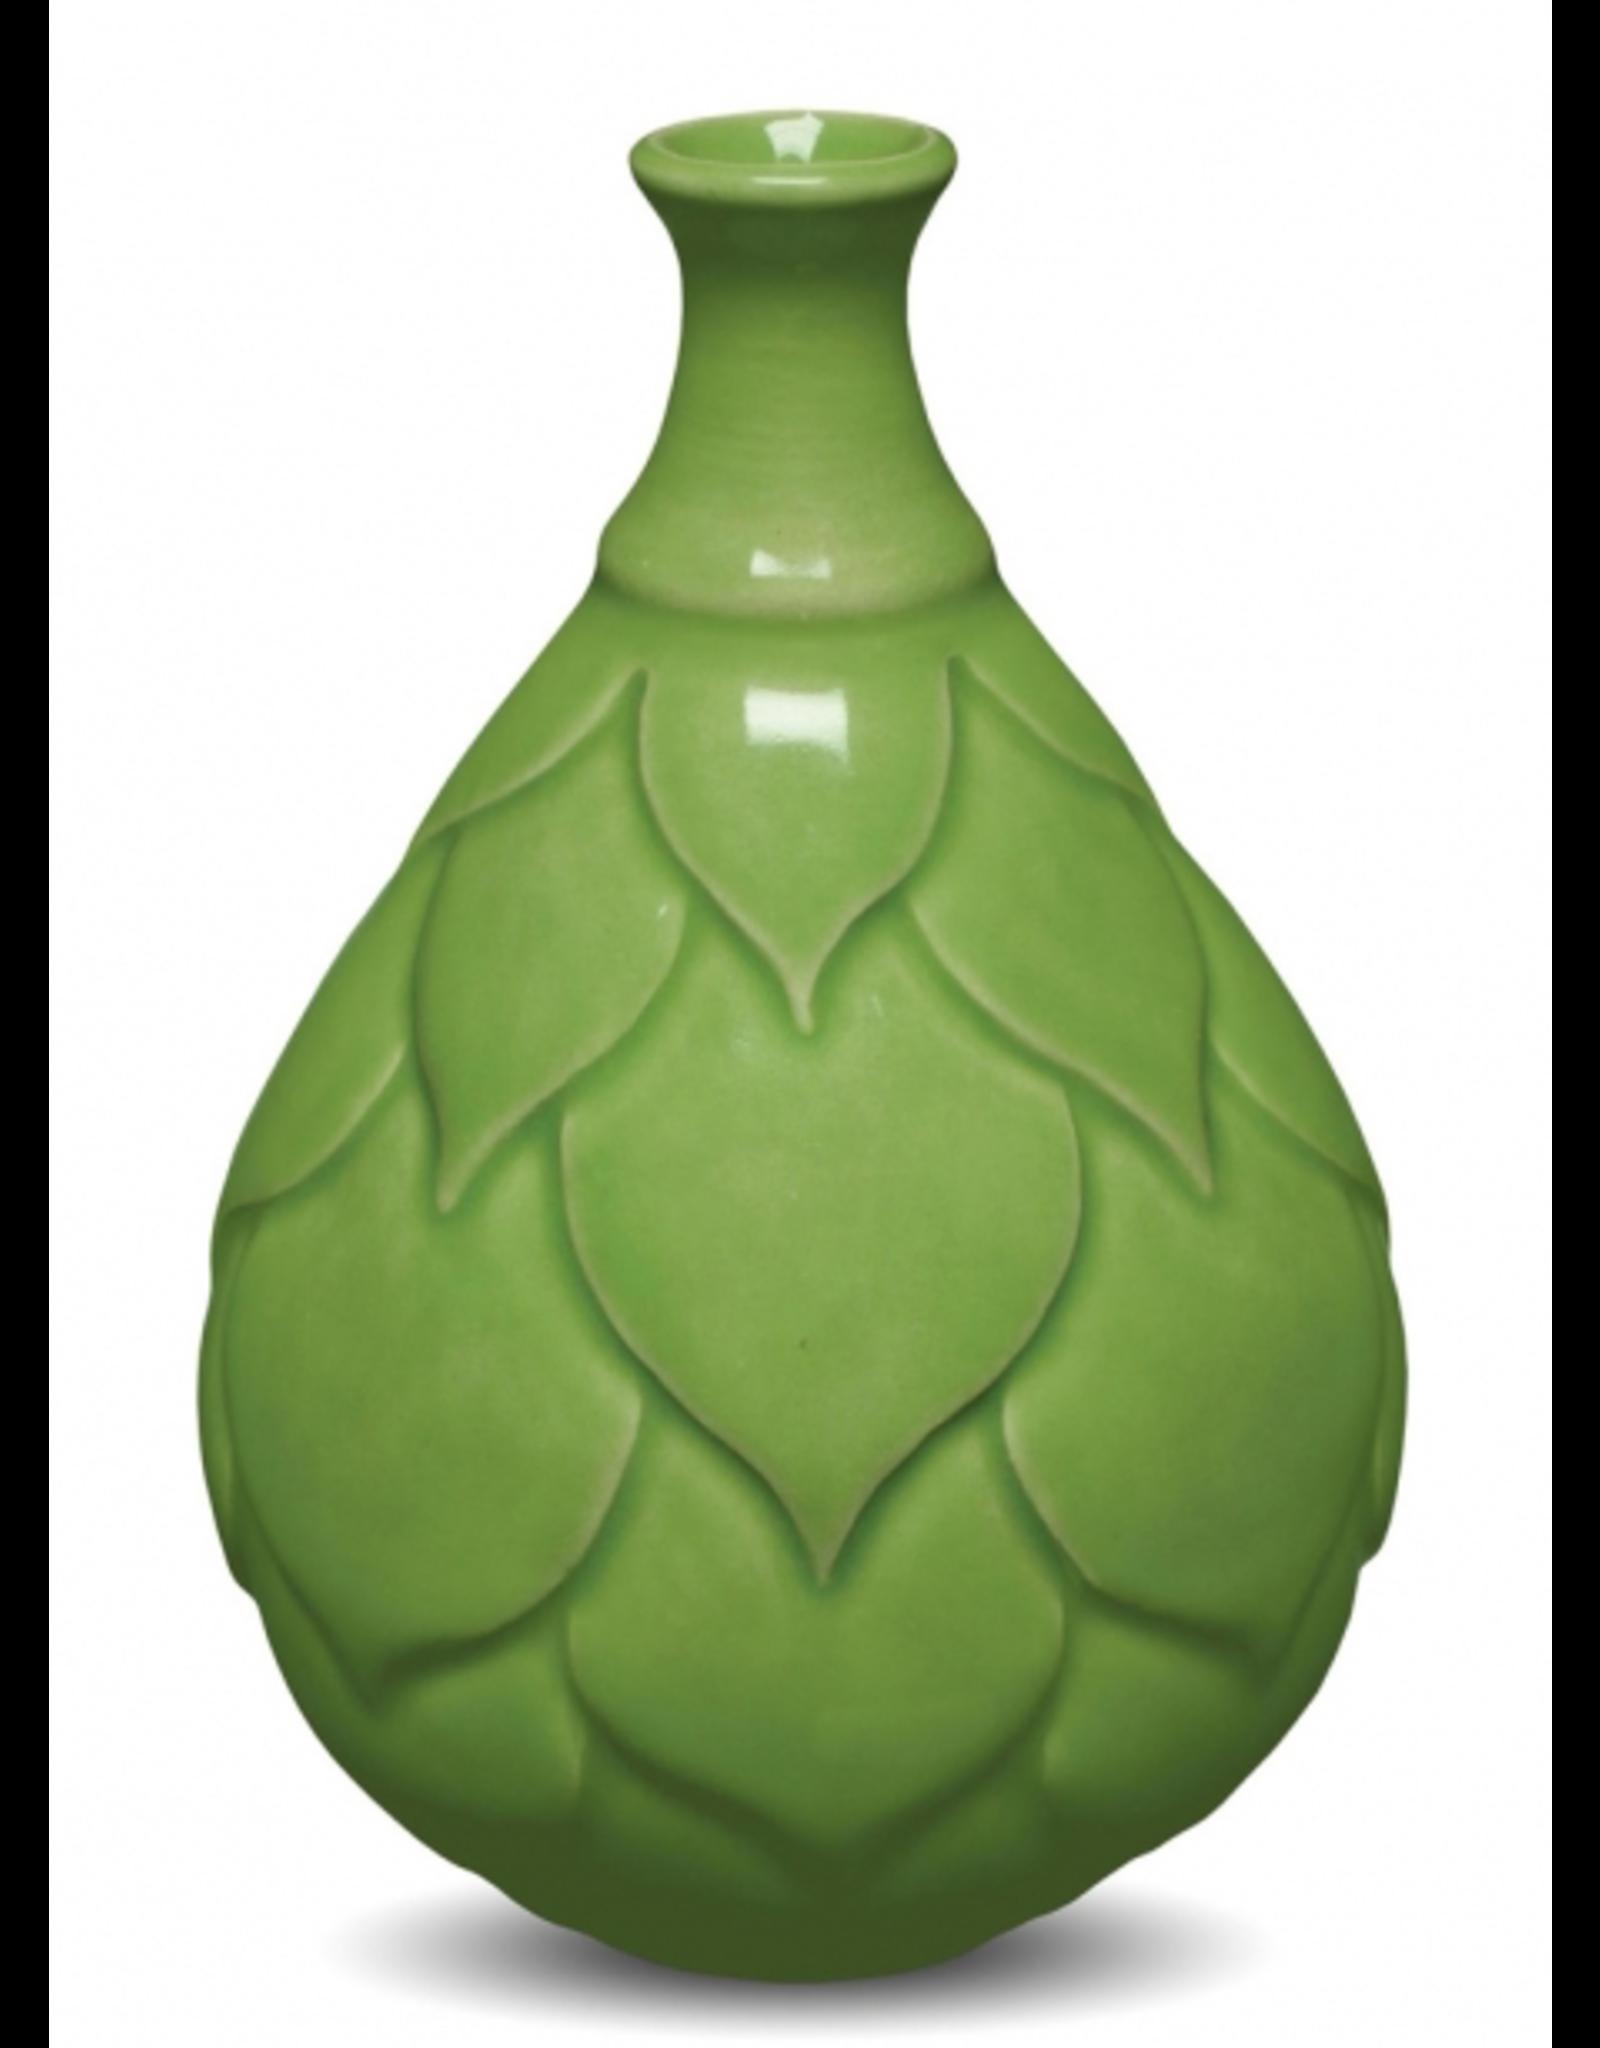 Amaco Celadon Wasabi